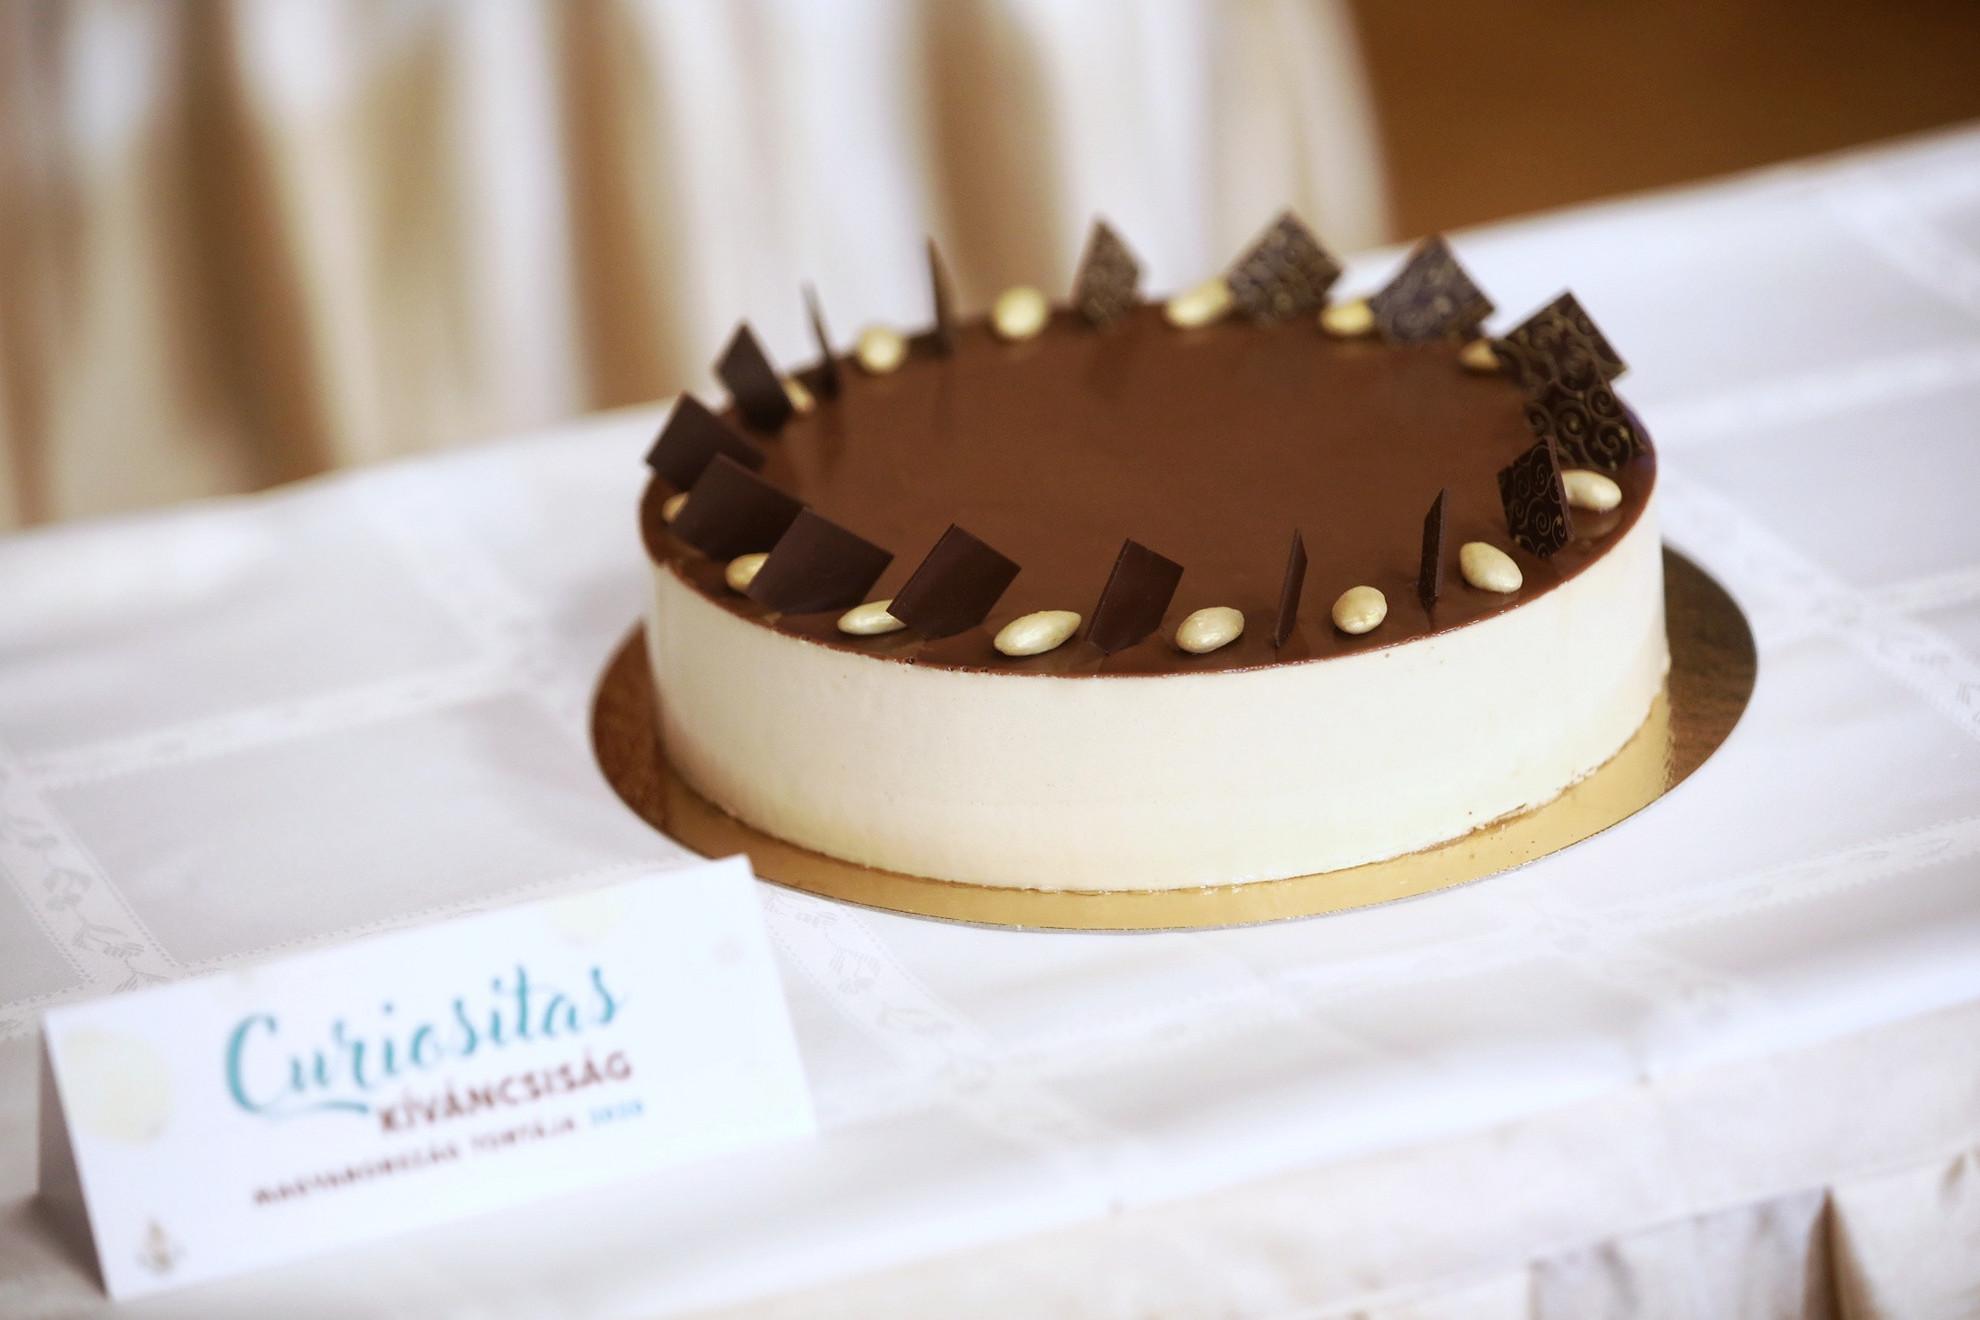 Magyarország tortája versenyt idén a tápiószecsői Hisztéria Cukrászda Curiositas - magyarul kíváncsiság, különleges - tortája nyerte